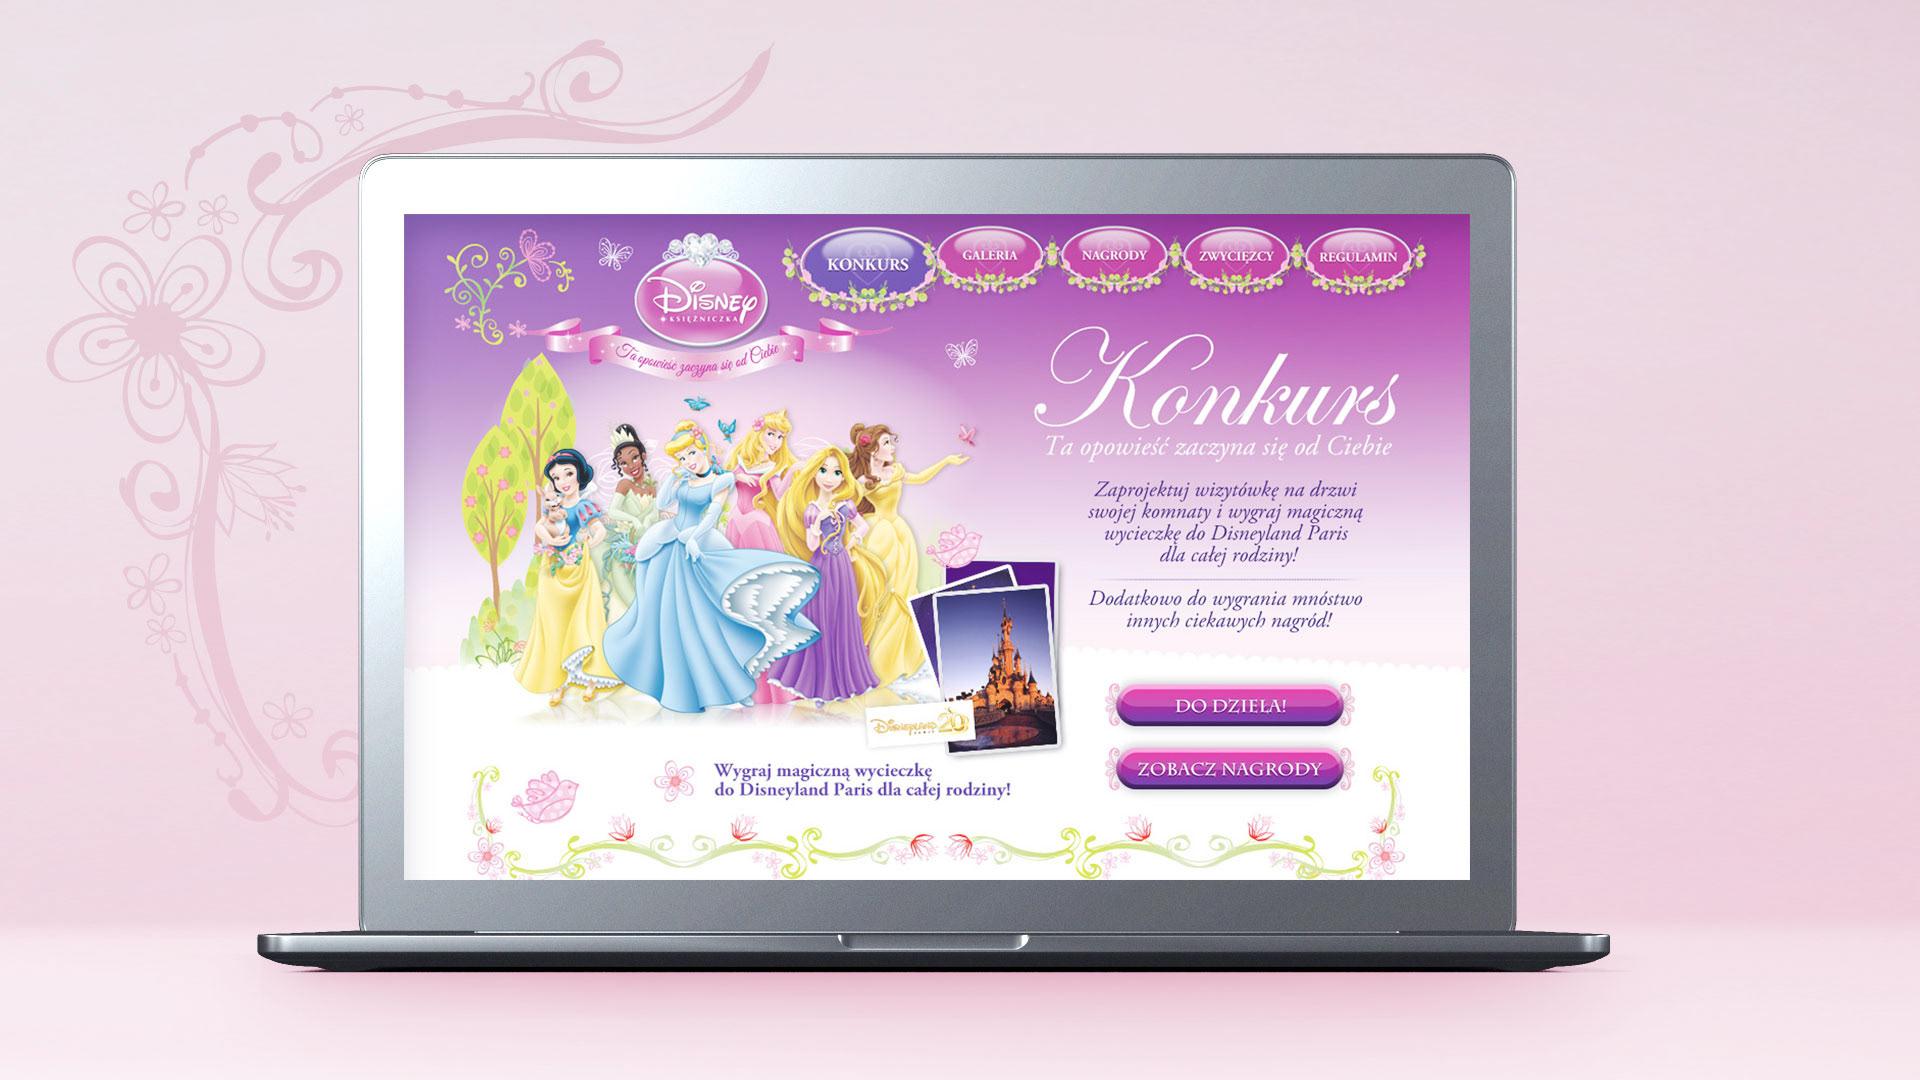 The Walt Disney Company konkurs Księżniczki